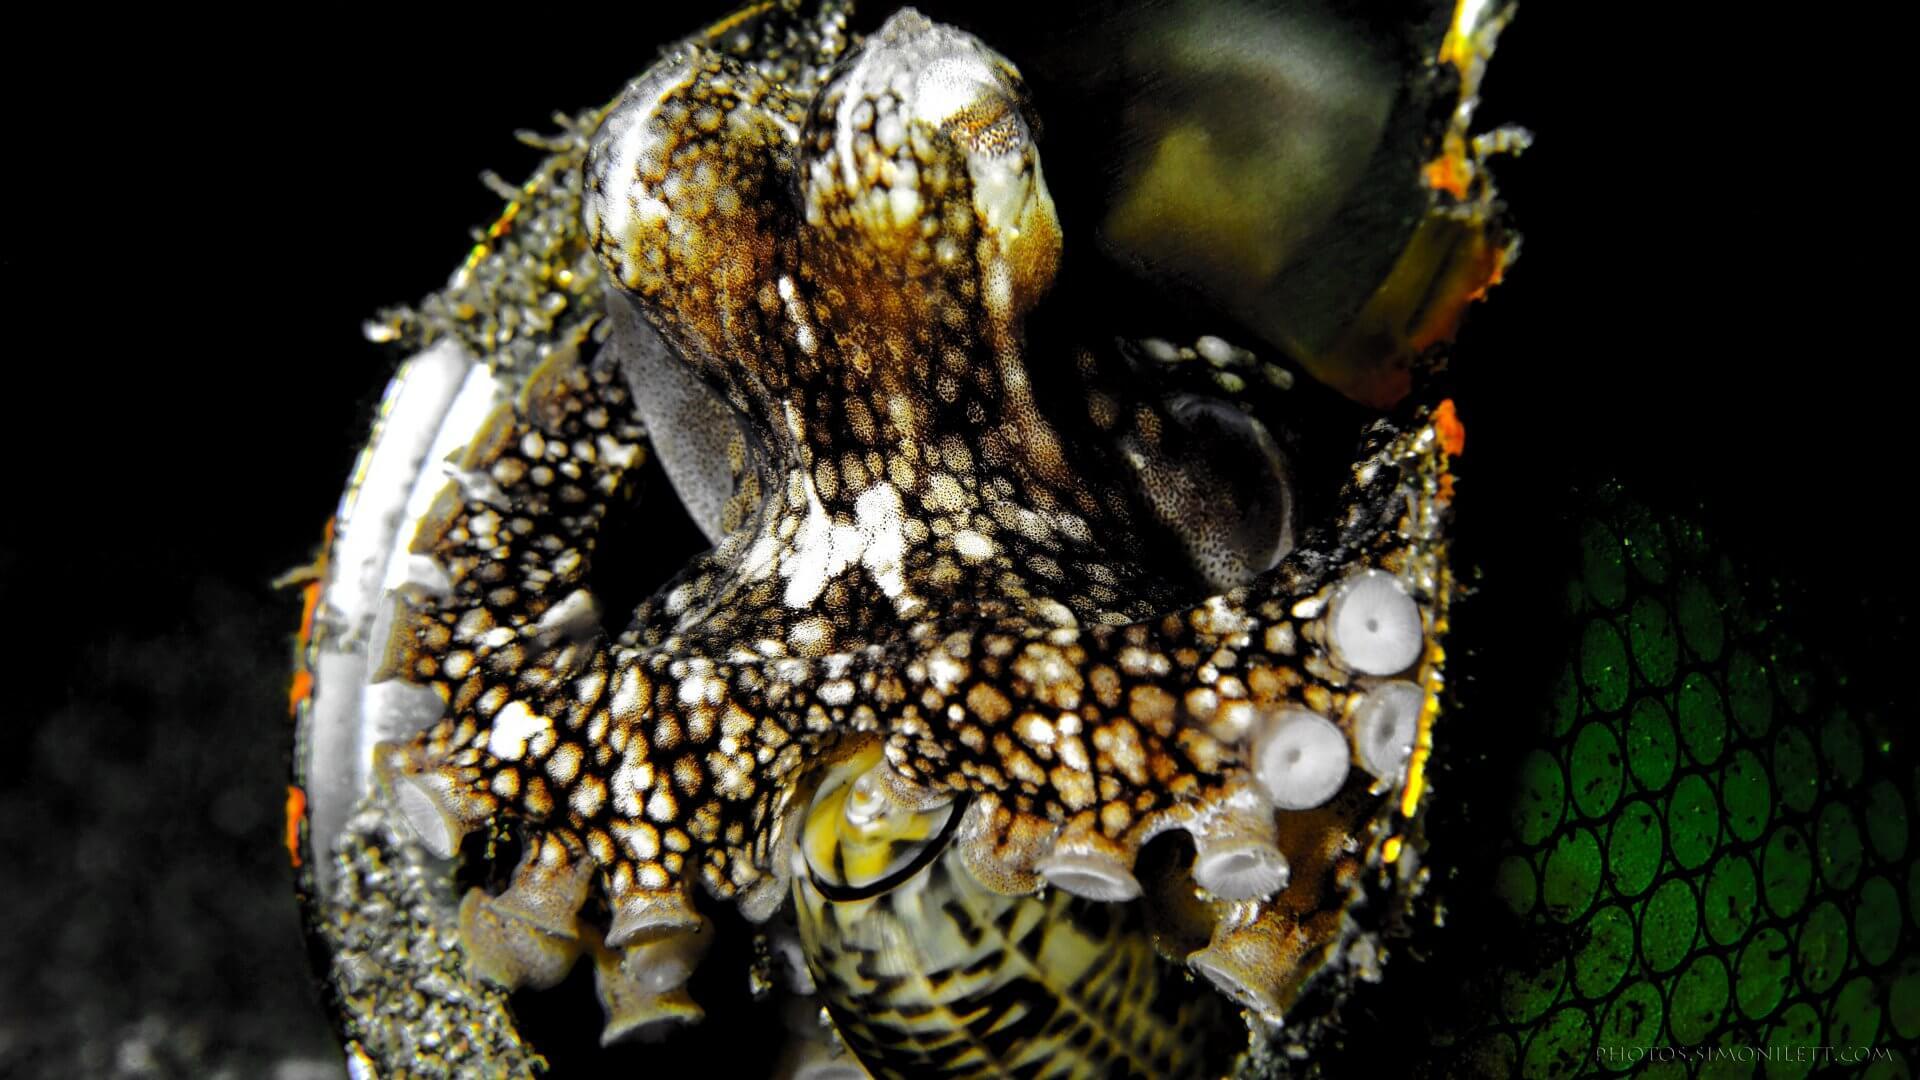 Octopus In a Can, Holding a Snail Gun